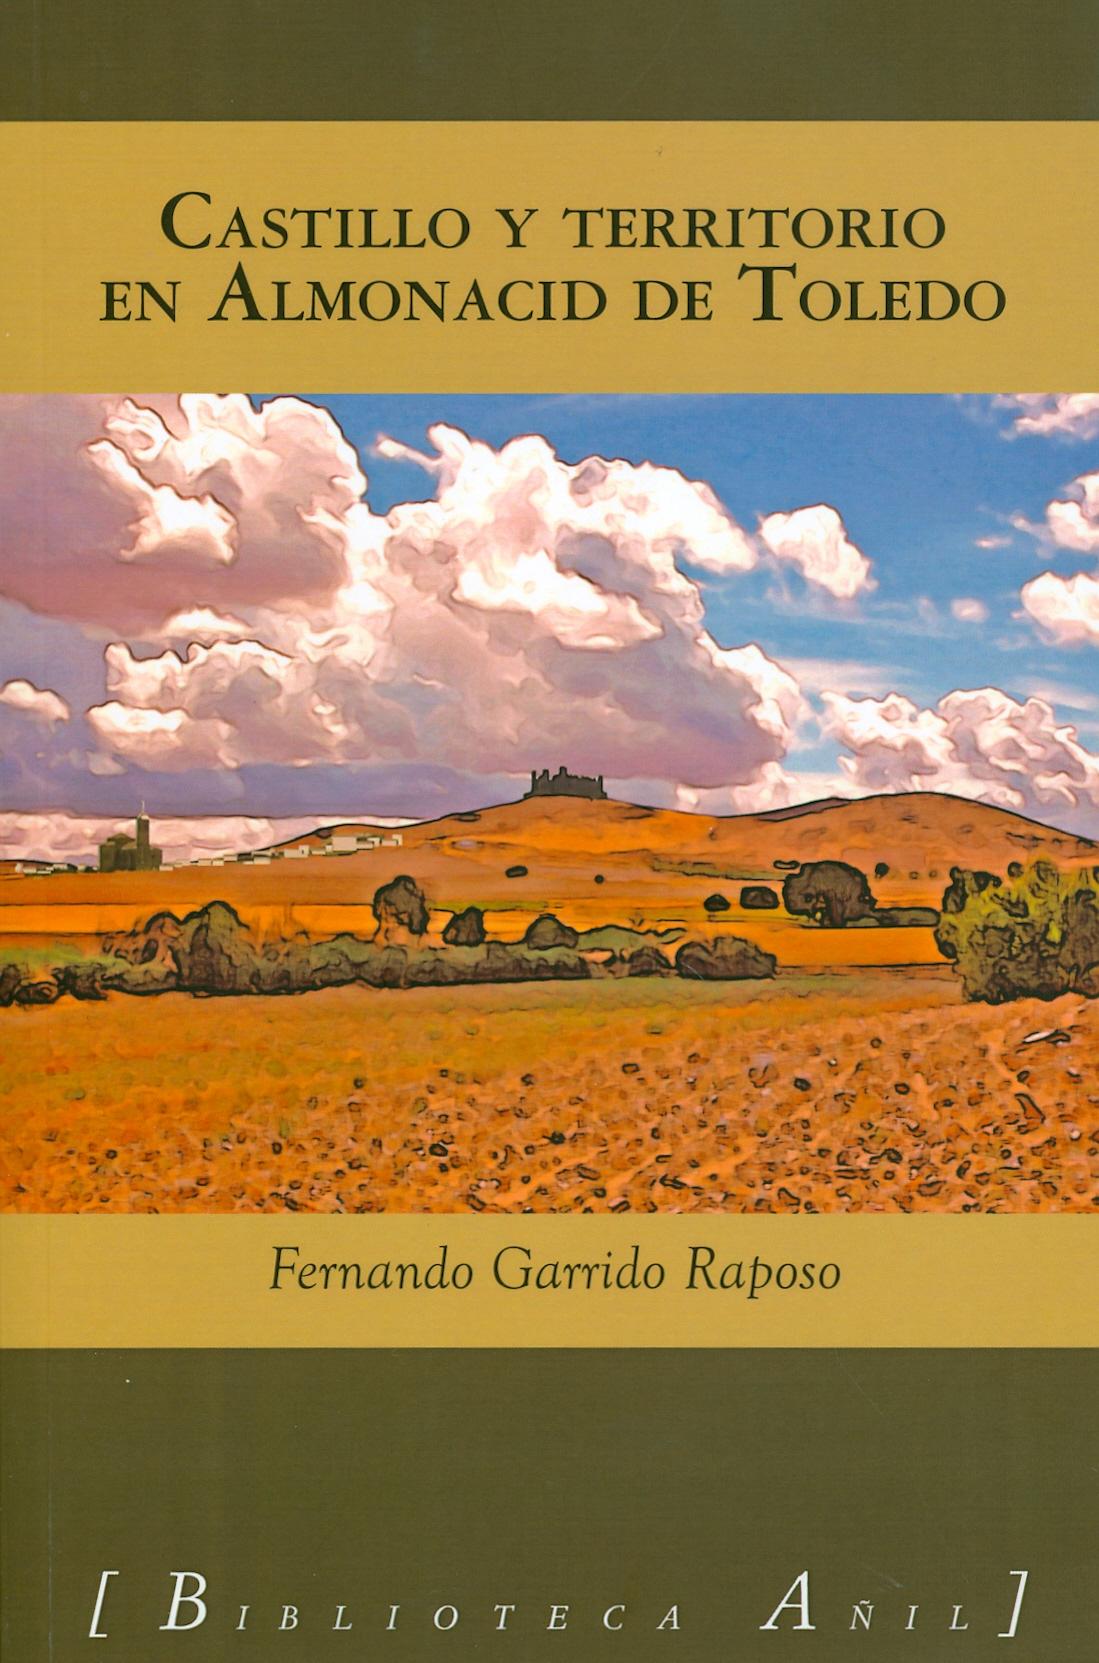 Castillo y territorio en Almonacid de Toledo